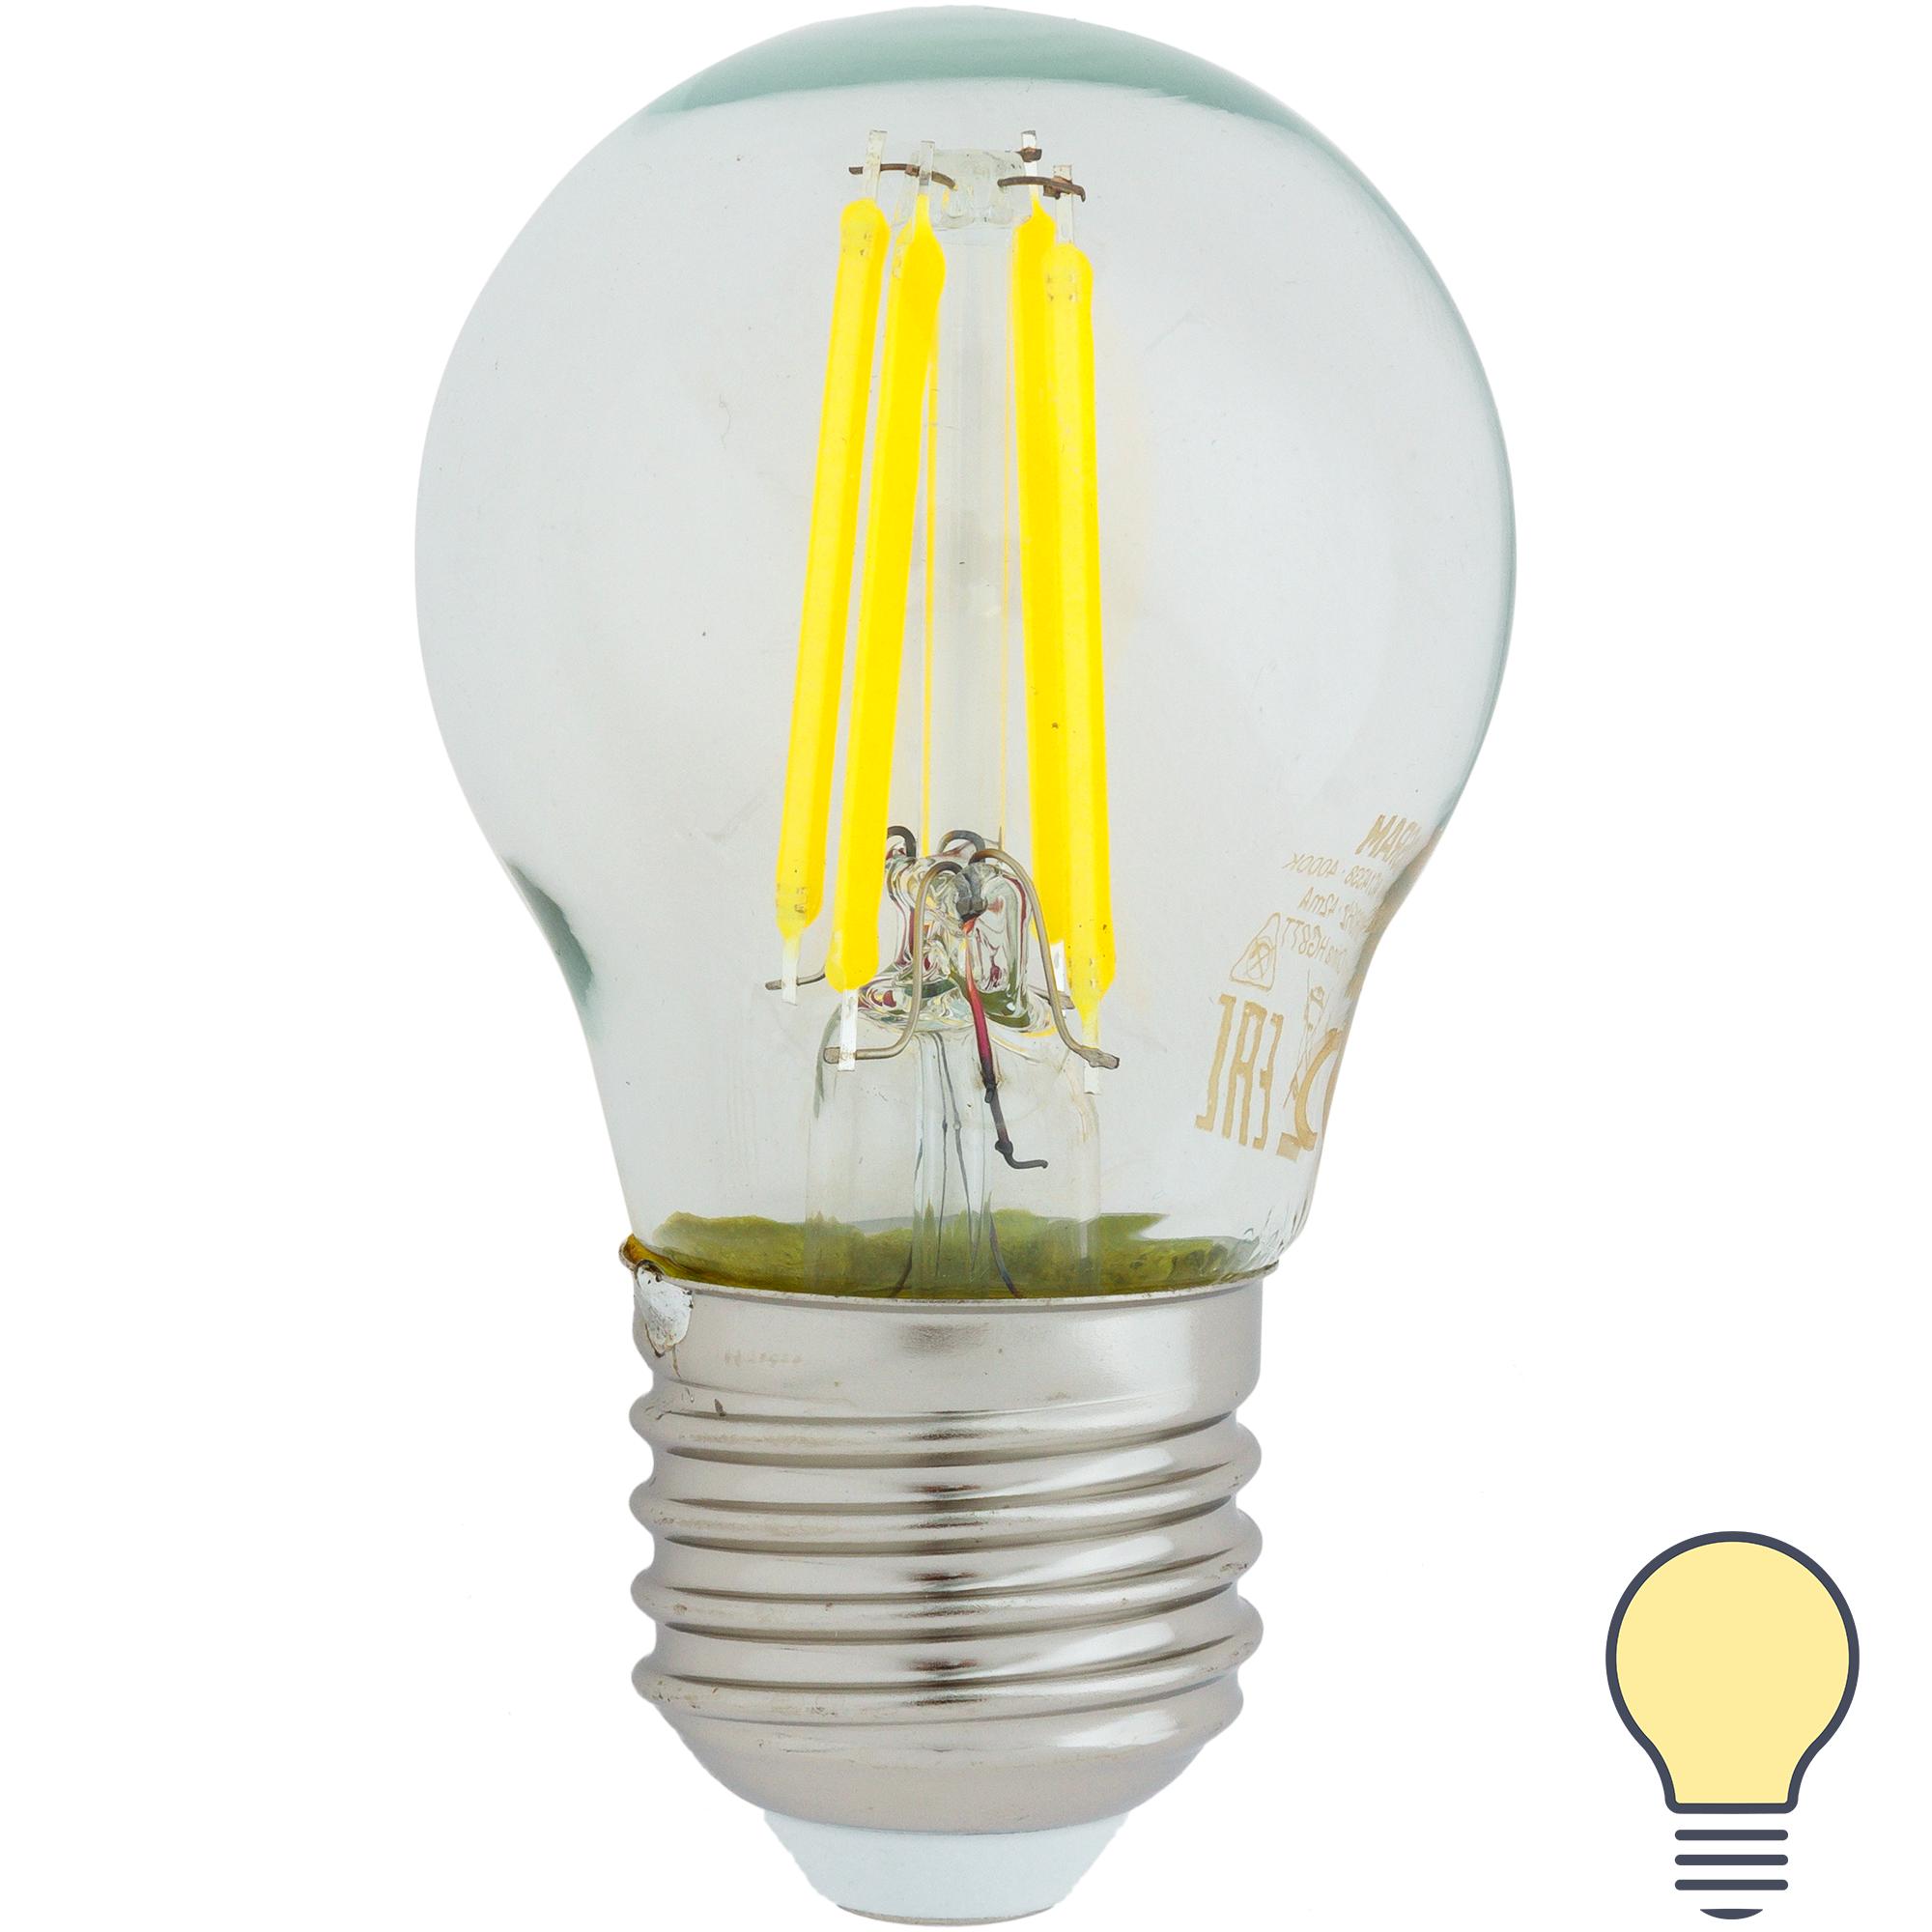 Лампа светодиодная Osram E27 220 В 5 Вт шар 600 лм тёплый белый свет